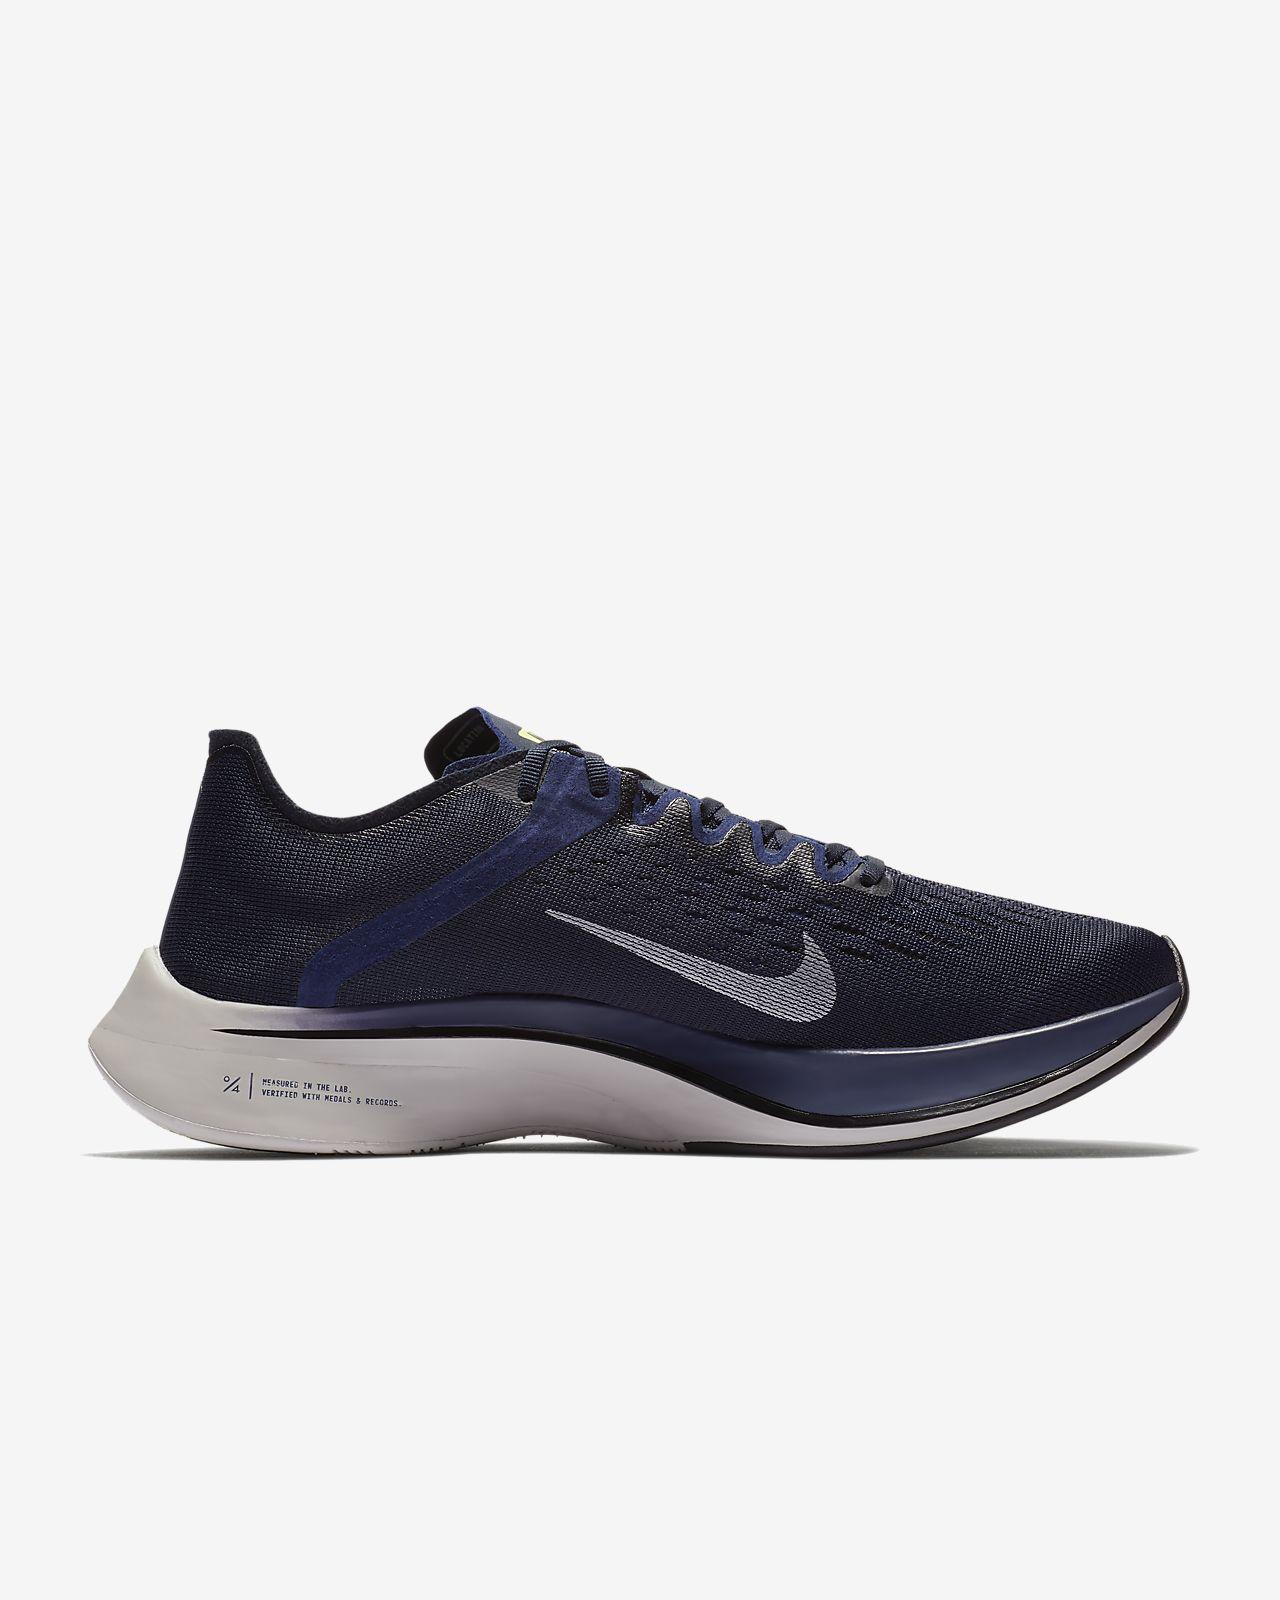 ... Nike Zoom Vaporfly 4% uniszex futócipő